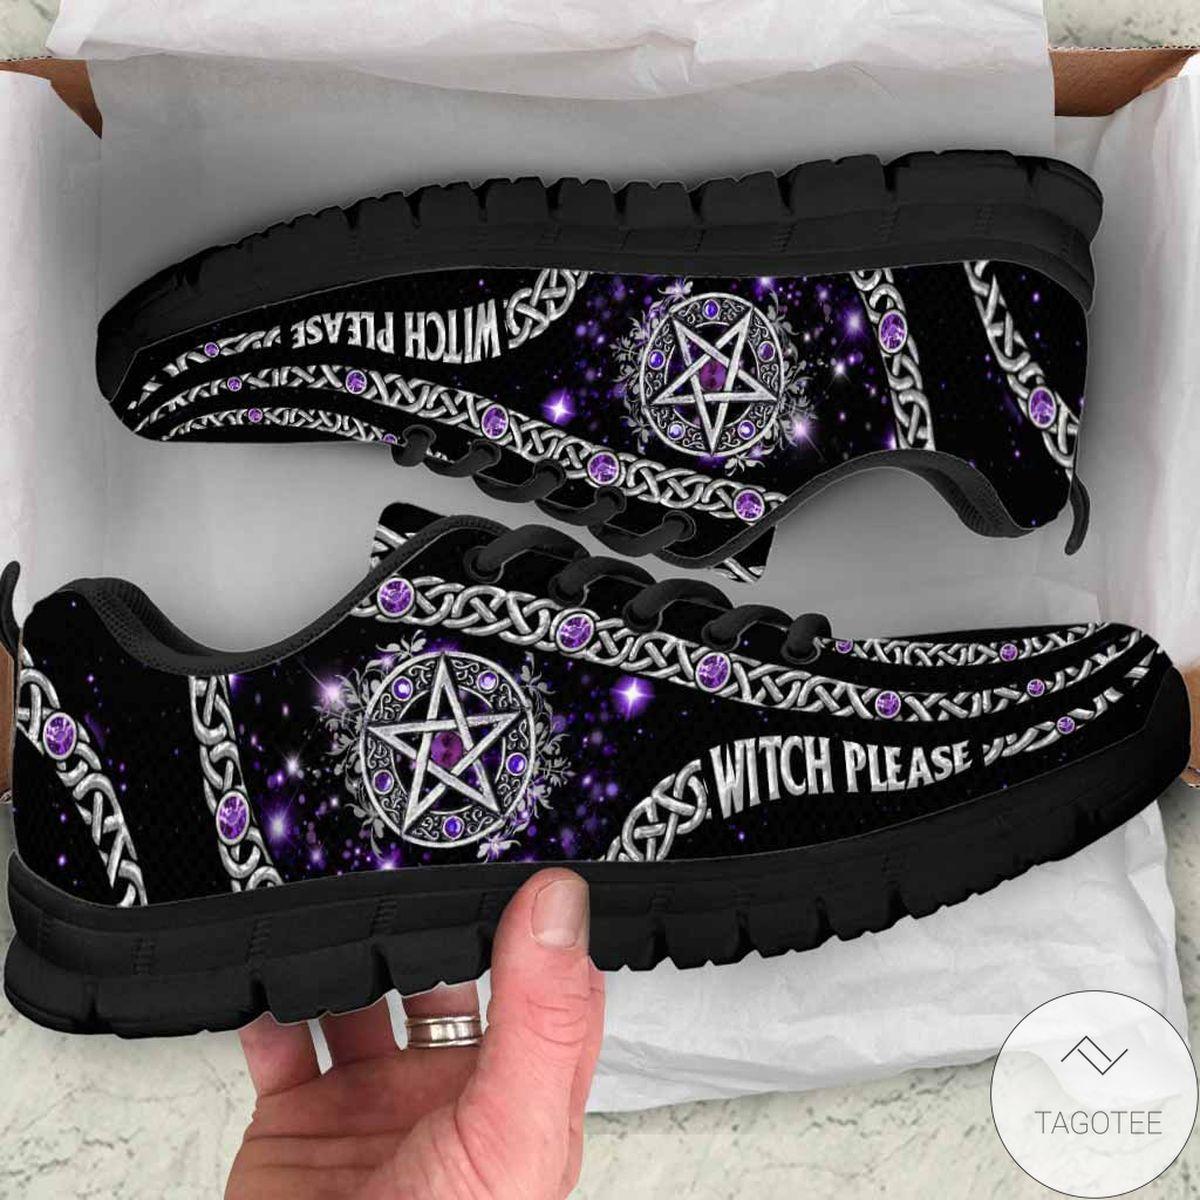 Witch Please Purple Pentagram Sneakers